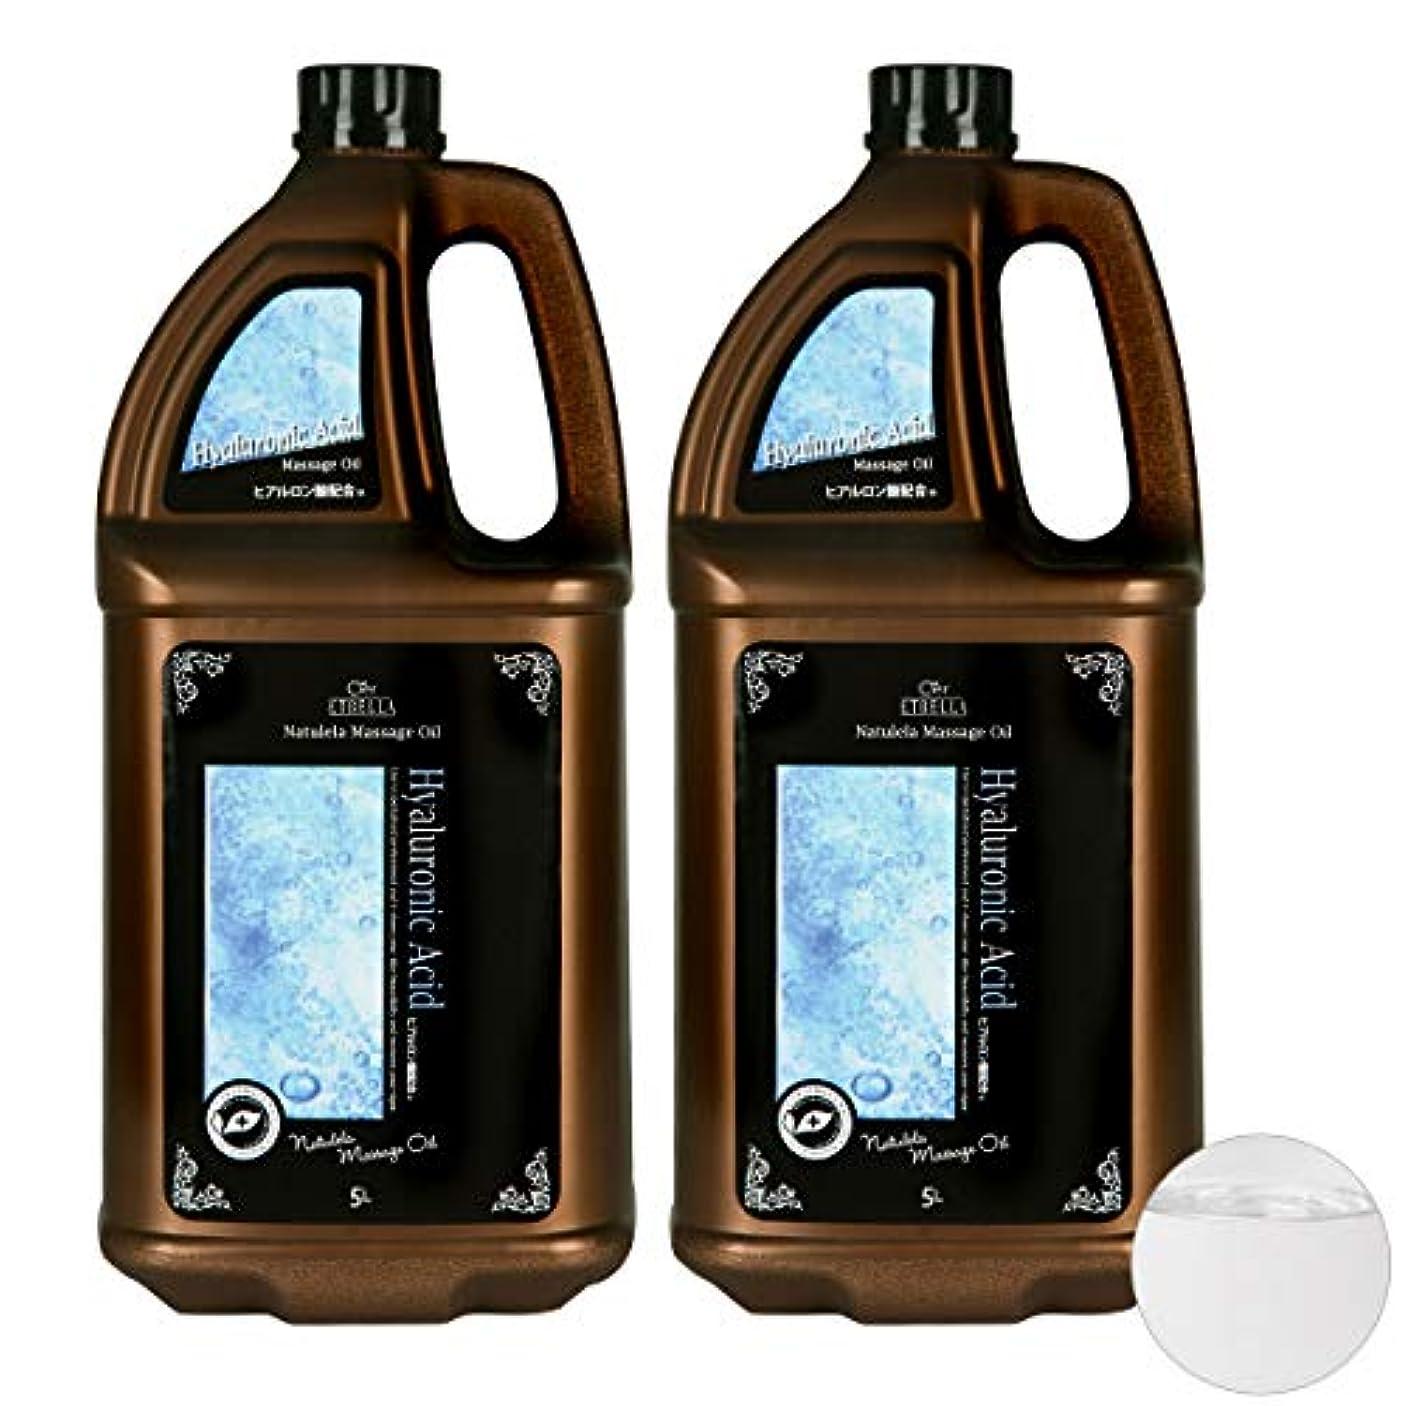 同一のパトワフレームワーク< シエル エトゥベラ> ナチュレラ マッサージオイル ヒアルロン酸 5L (2個セット) [ オーガニック ミネラルオイル ボディマッサージオイル ボディオイル アロママッサージオイル アロマオイル スリミング 業務用 ]